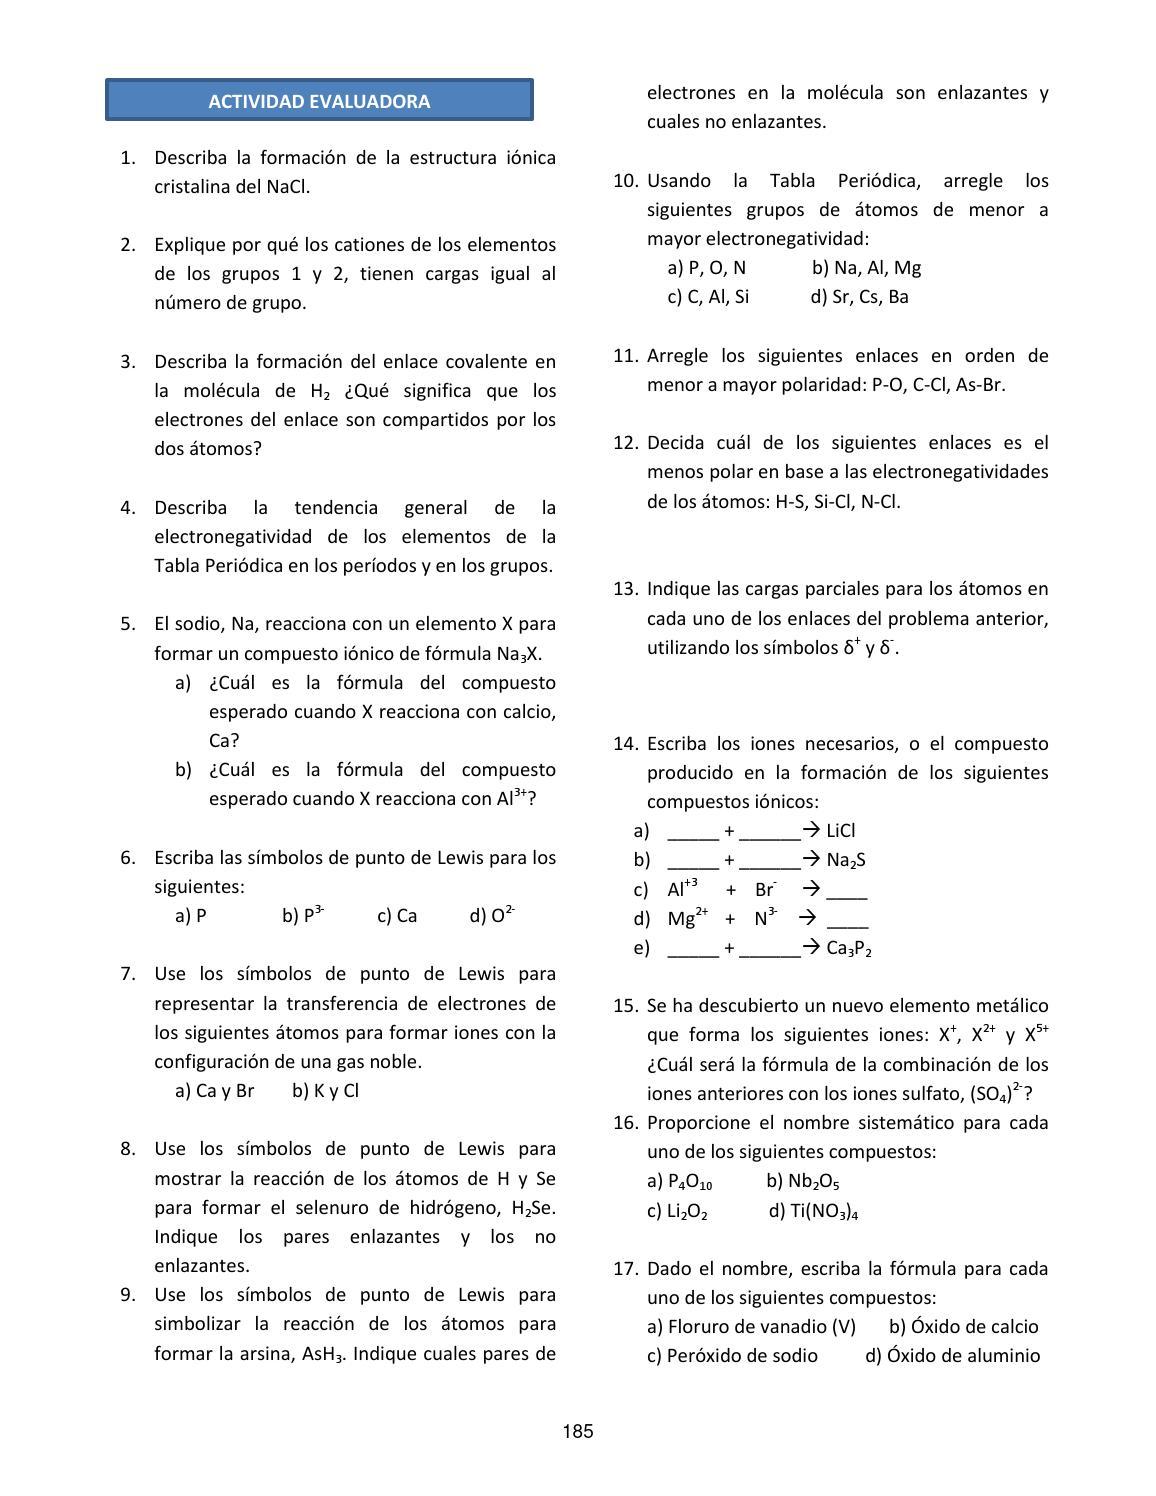 CIENCIAS NATURALES_10 by Arnoldo Romero - issuu